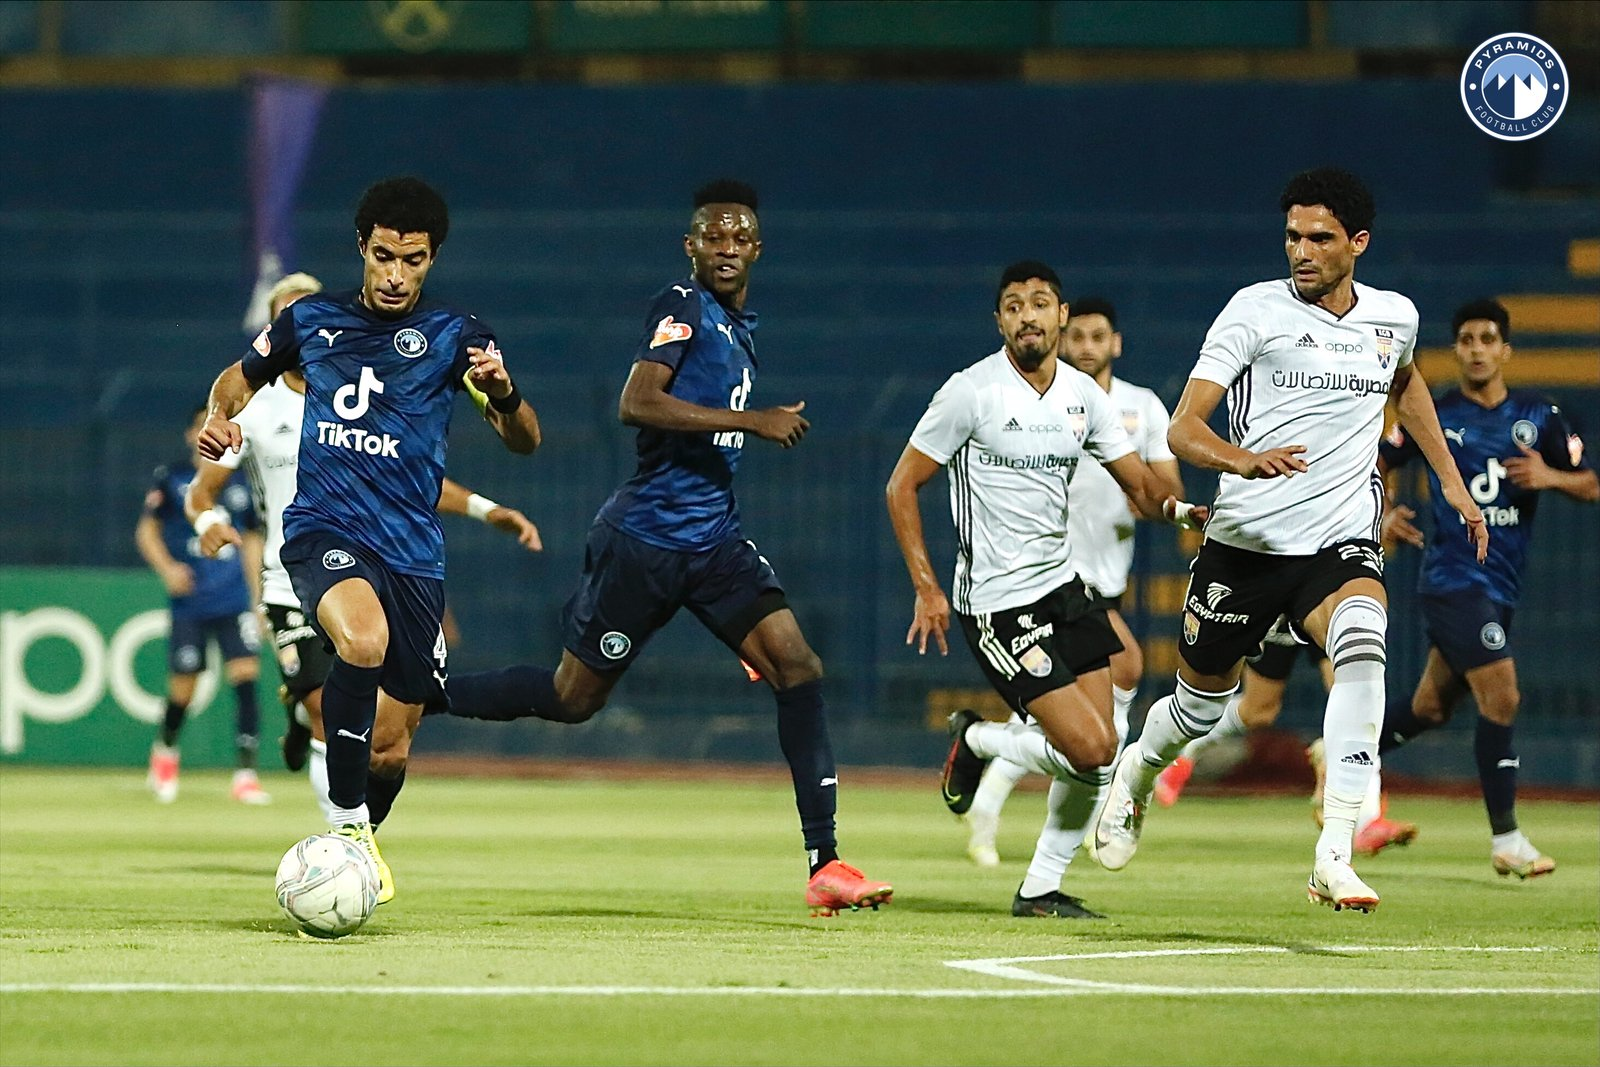 ترتيب الدوري المصري بعد فوز بيراميدز وتعثر المصري البورسعيدي